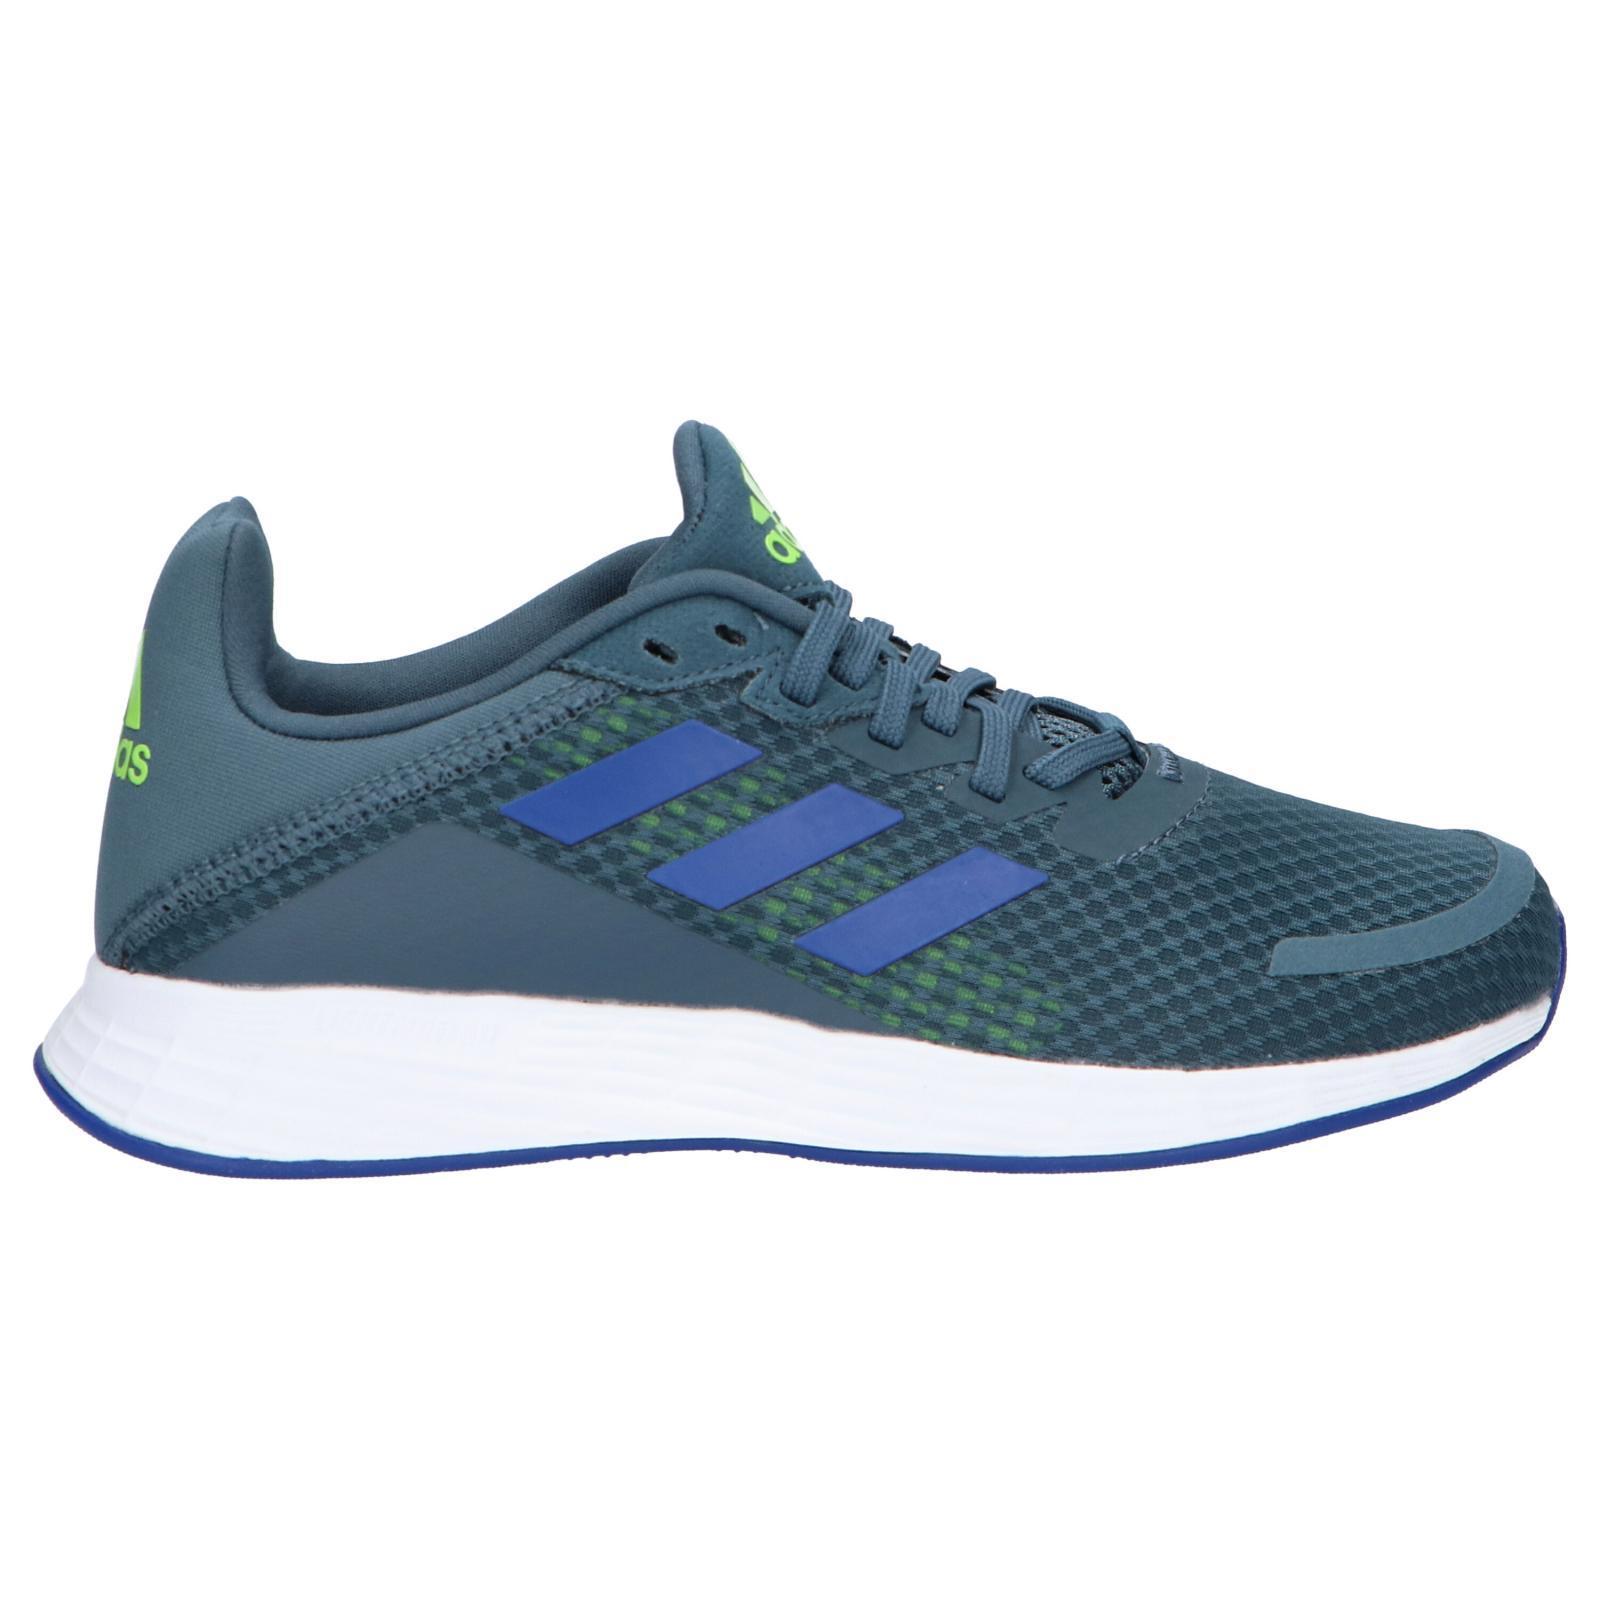 Zapatillas adidas FX7302 DURAMO sl azules